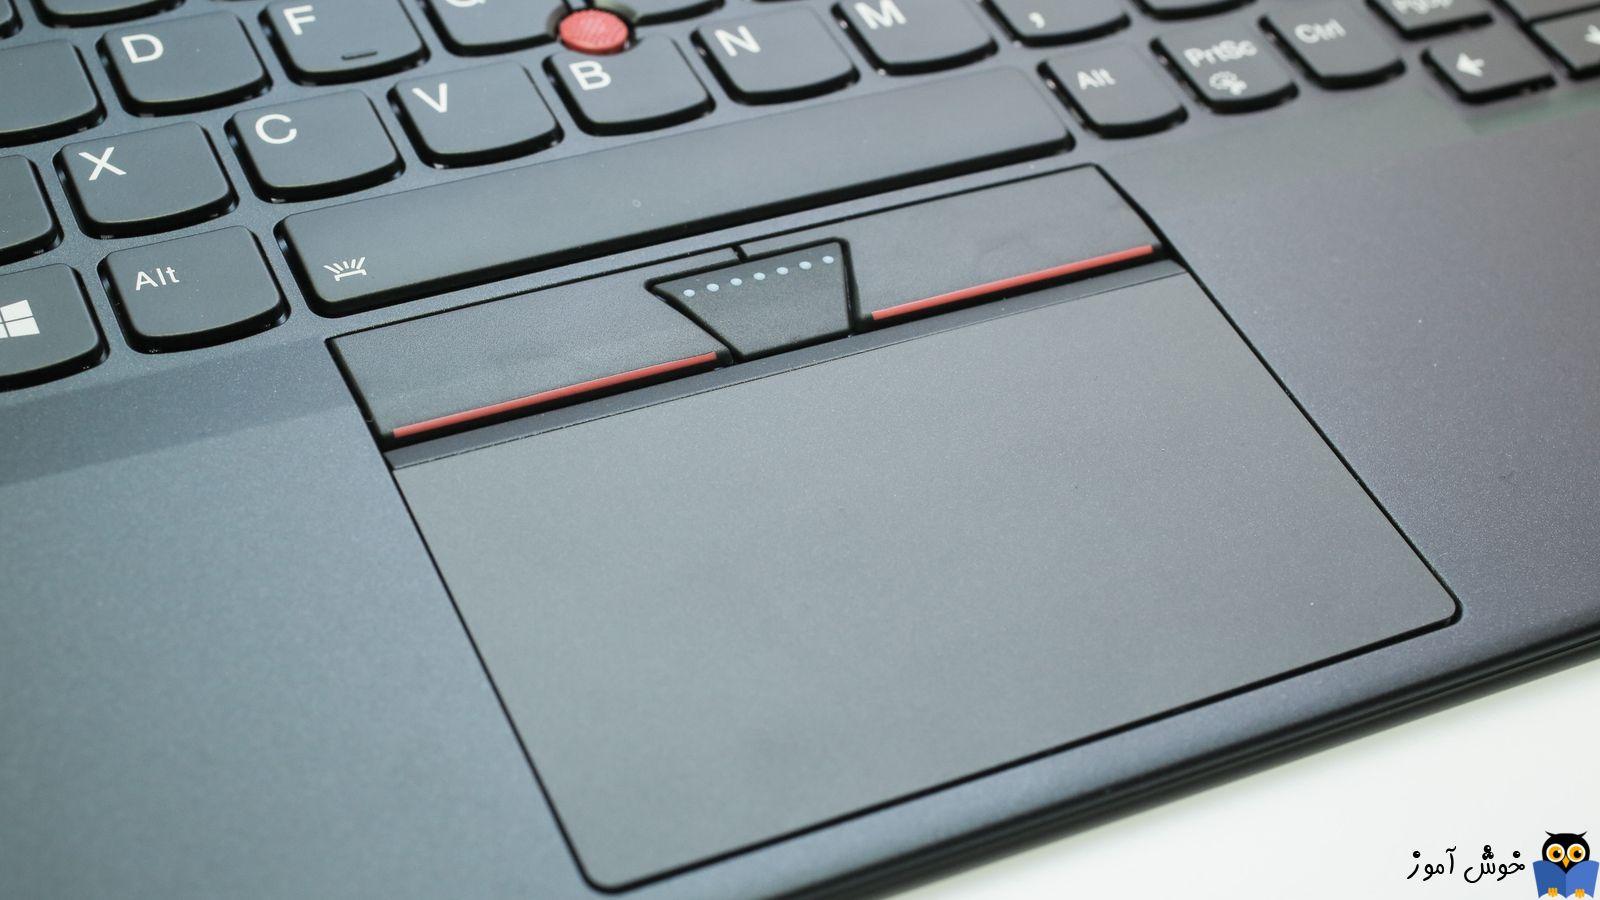 رفع مشکل کار نکردن تاچ پد لب تاپ Lenovo